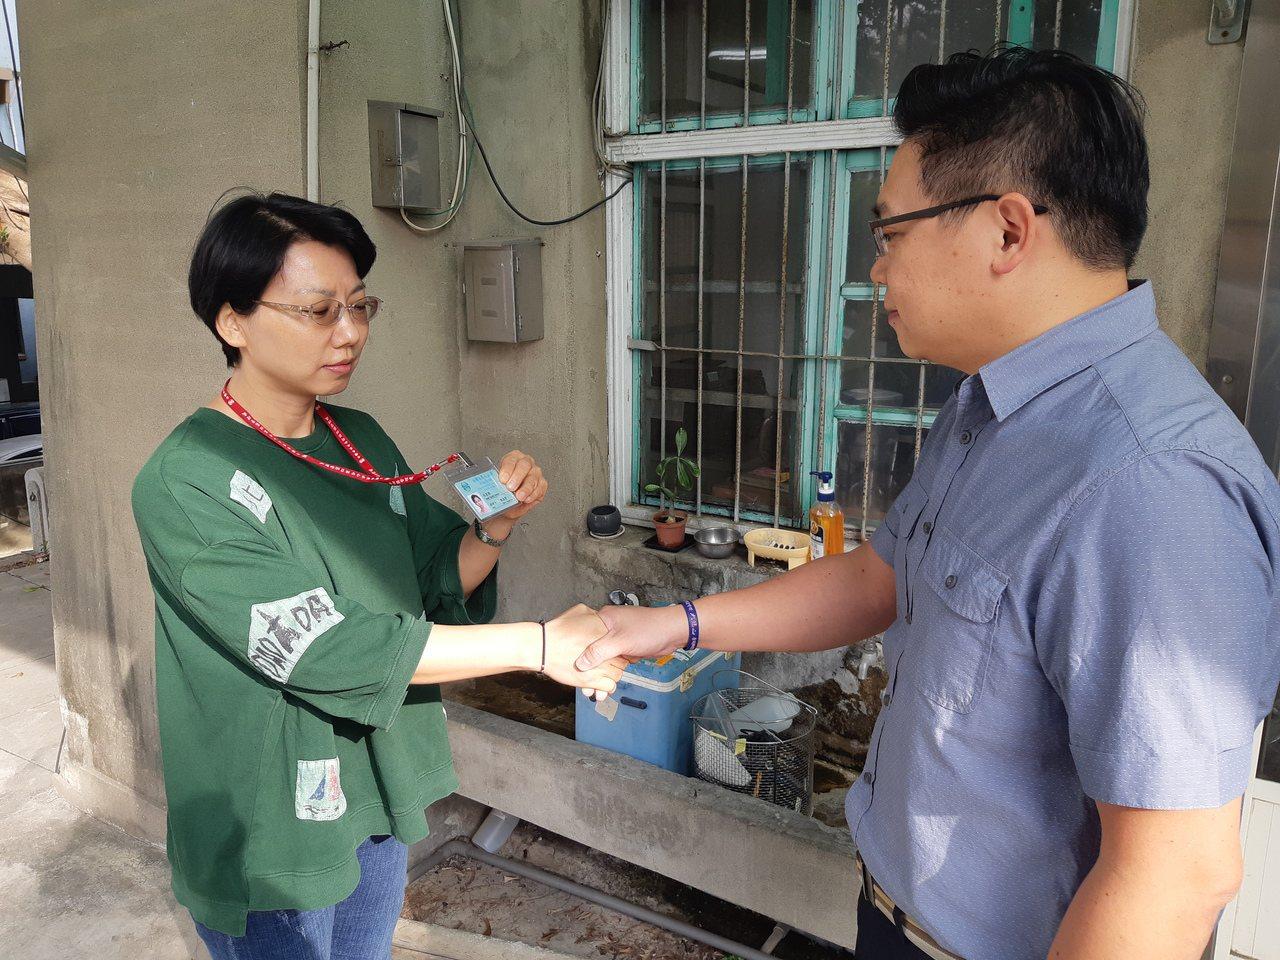 台灣自來水公司第四區處處長蕭淑貞指出,用戶如果覺得住家自來水水質有異常,可以直接...